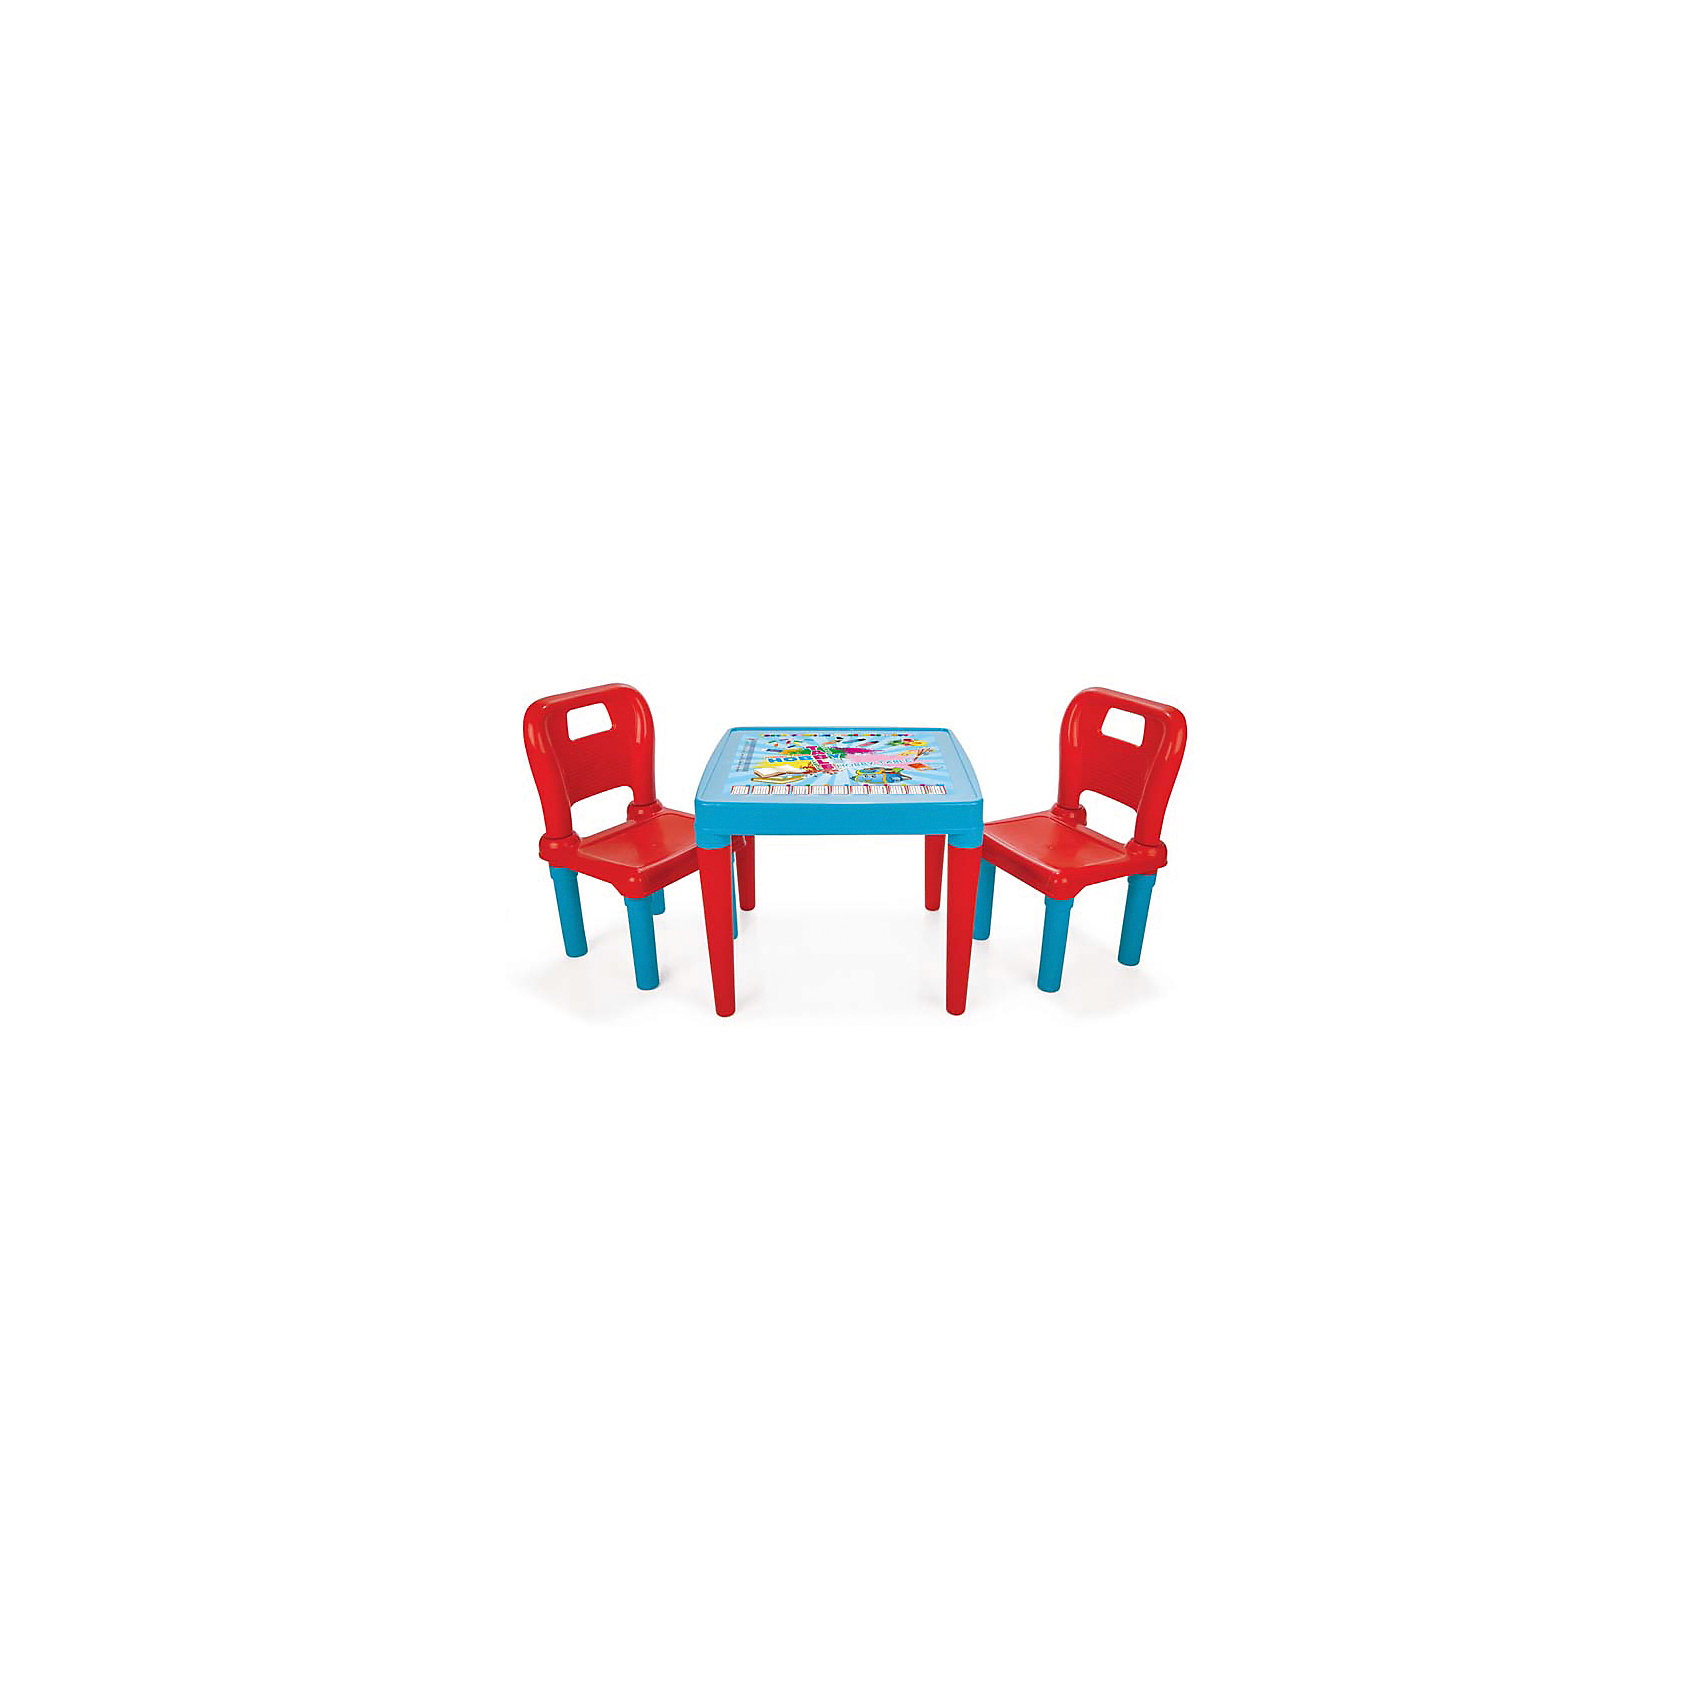 Столик с двумя стульчиками Menekse &amp; Hobby, PILSANСтолик с двумя стульчиками Pilsan Menekse &amp; Hobby предназначен для детей от 3 лет. <br>Набор предназначен для обучения детей письму или рисования. <br>Способствует формированию правильной осанки. <br>Максимальная нагрузка: 50 кг<br><br>Ширина мм: 180<br>Глубина мм: 500<br>Высота мм: 510<br>Вес г: 3400<br>Возраст от месяцев: 36<br>Возраст до месяцев: 120<br>Пол: Унисекс<br>Возраст: Детский<br>SKU: 5512011